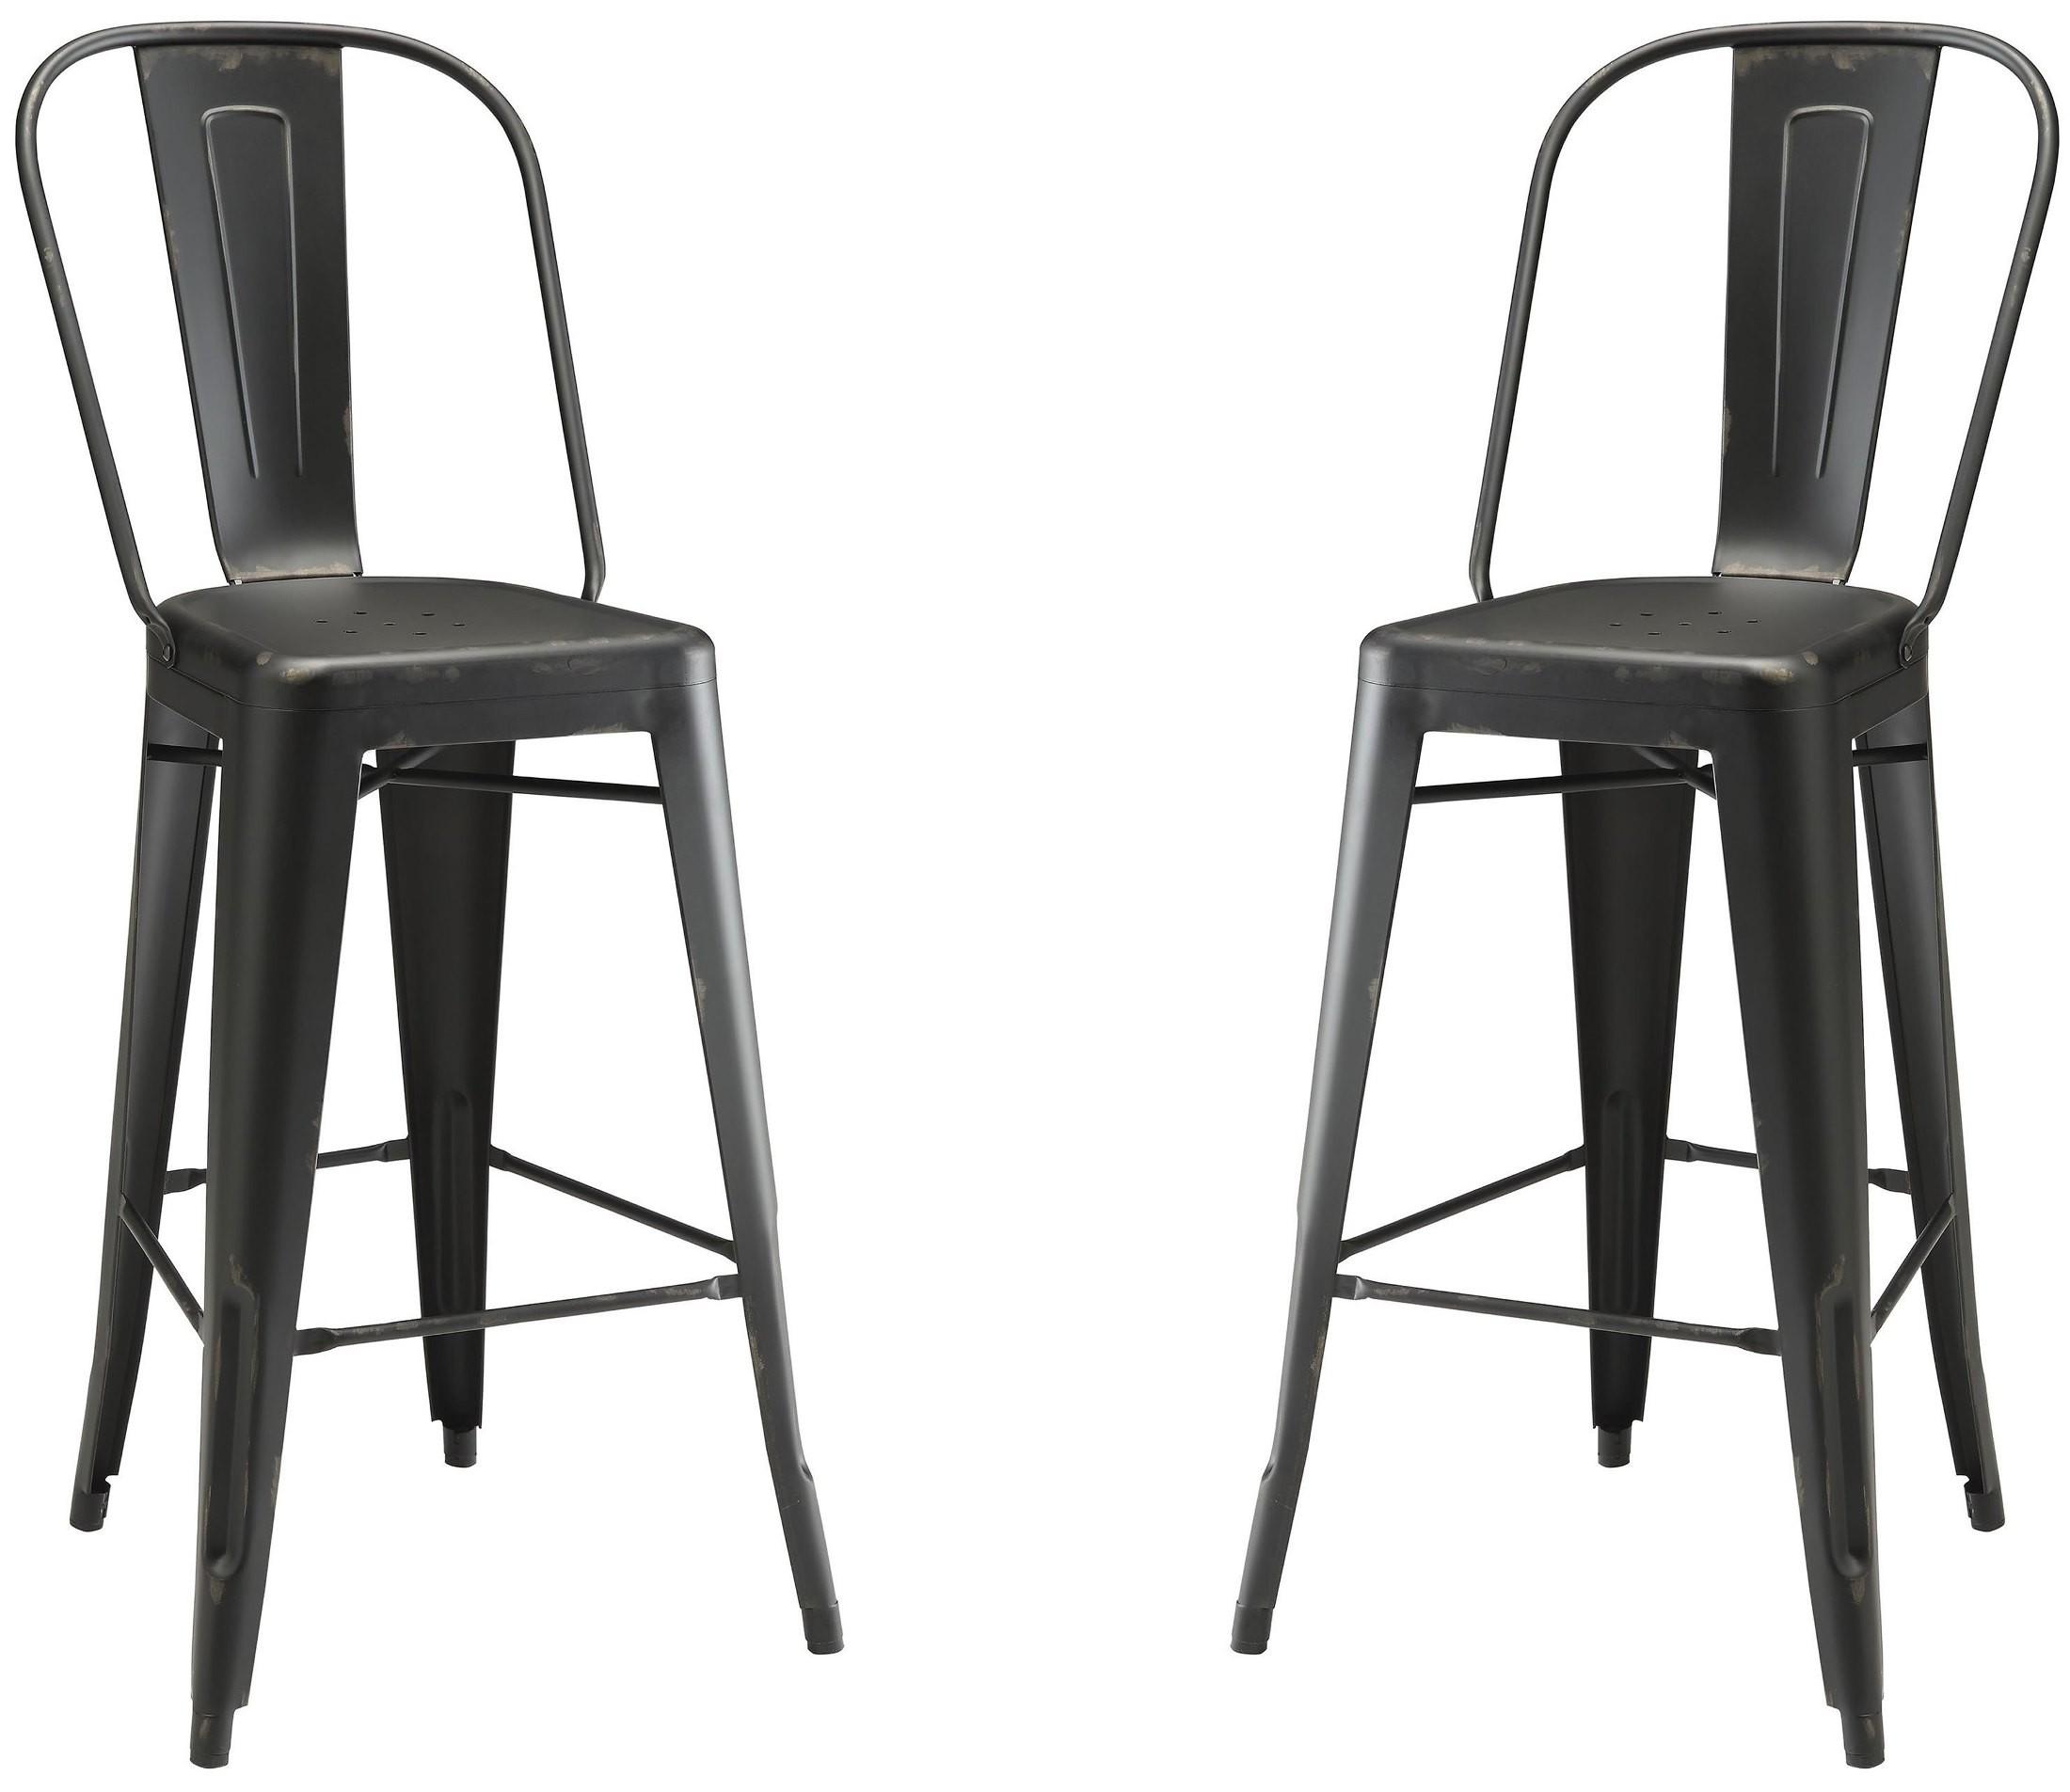 Black metal bar stool coaster furniture